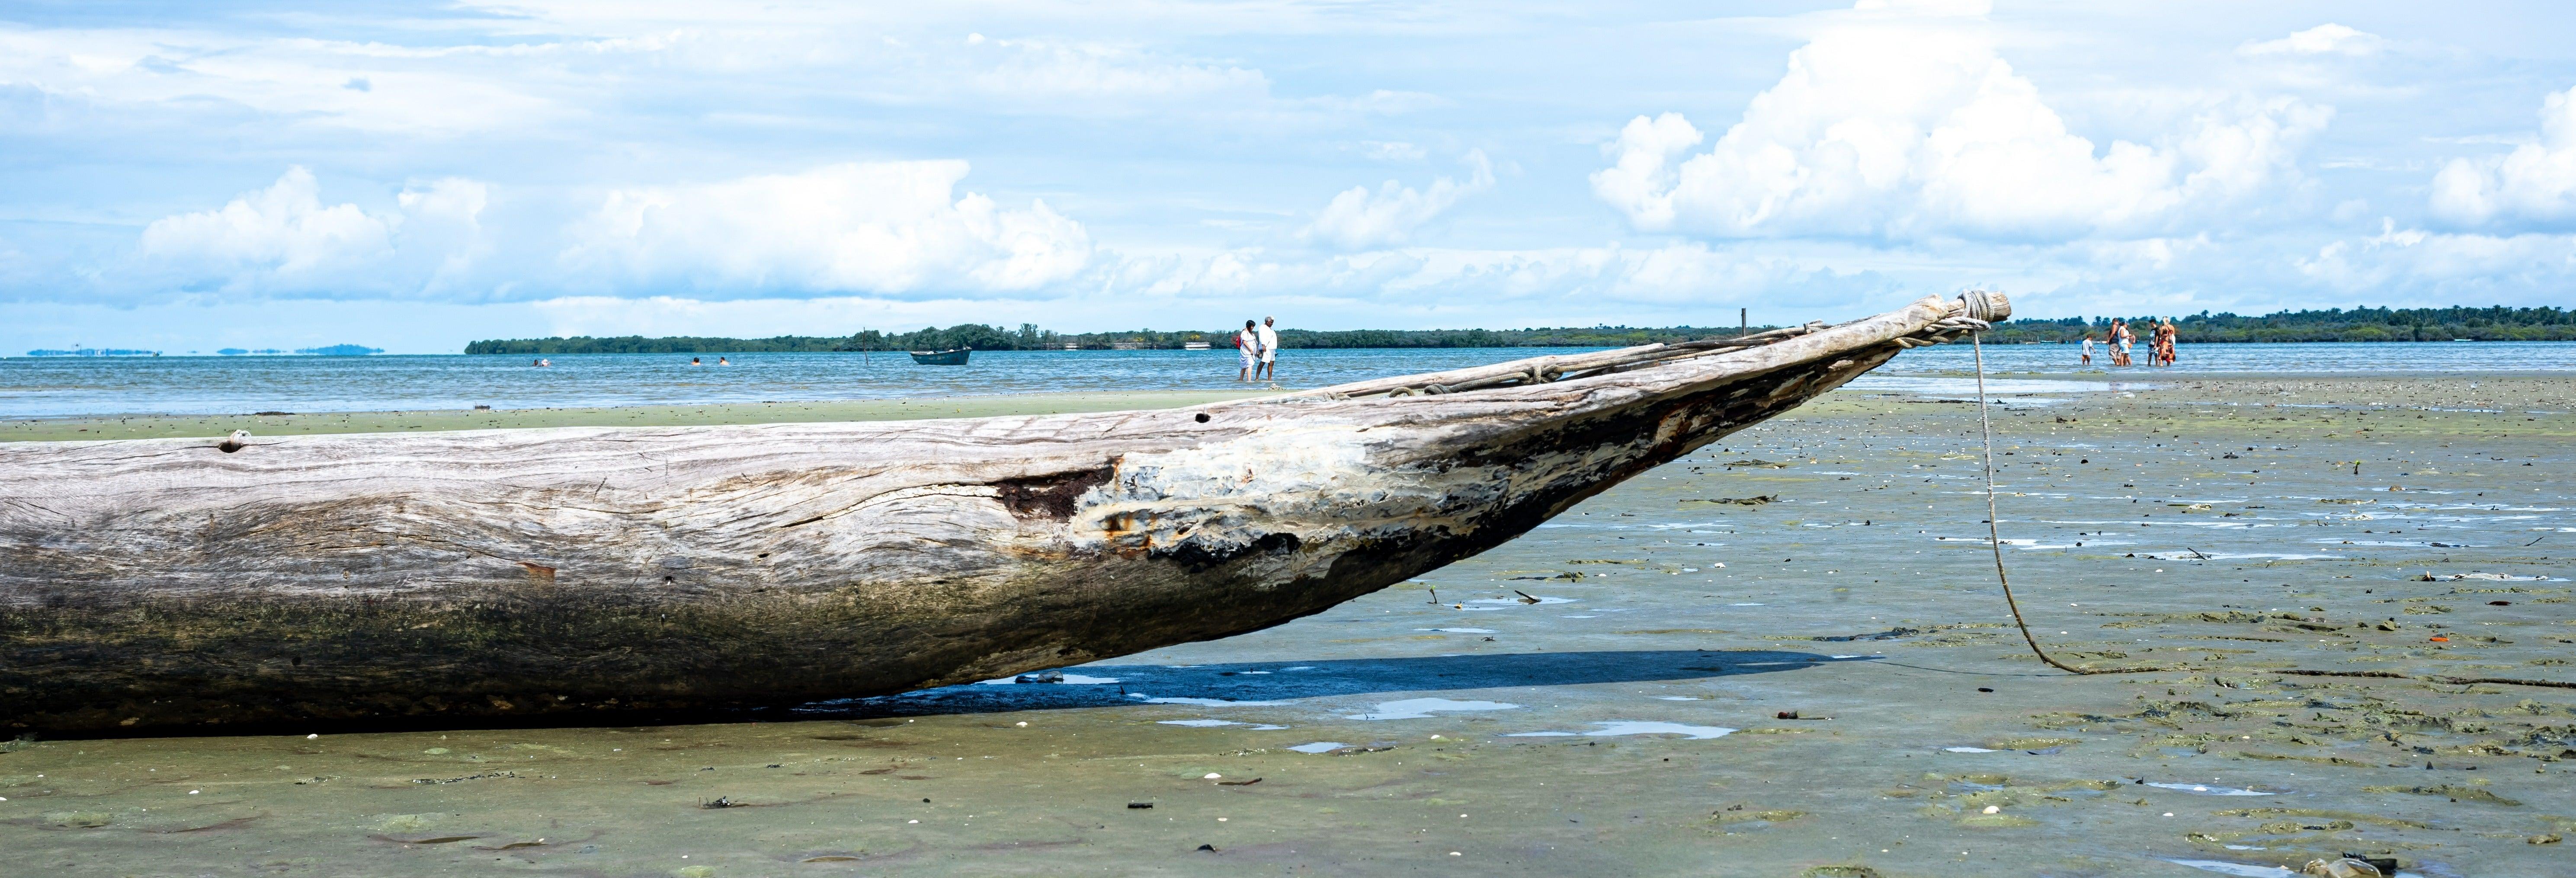 Excursão à ilha de Santo Amaro